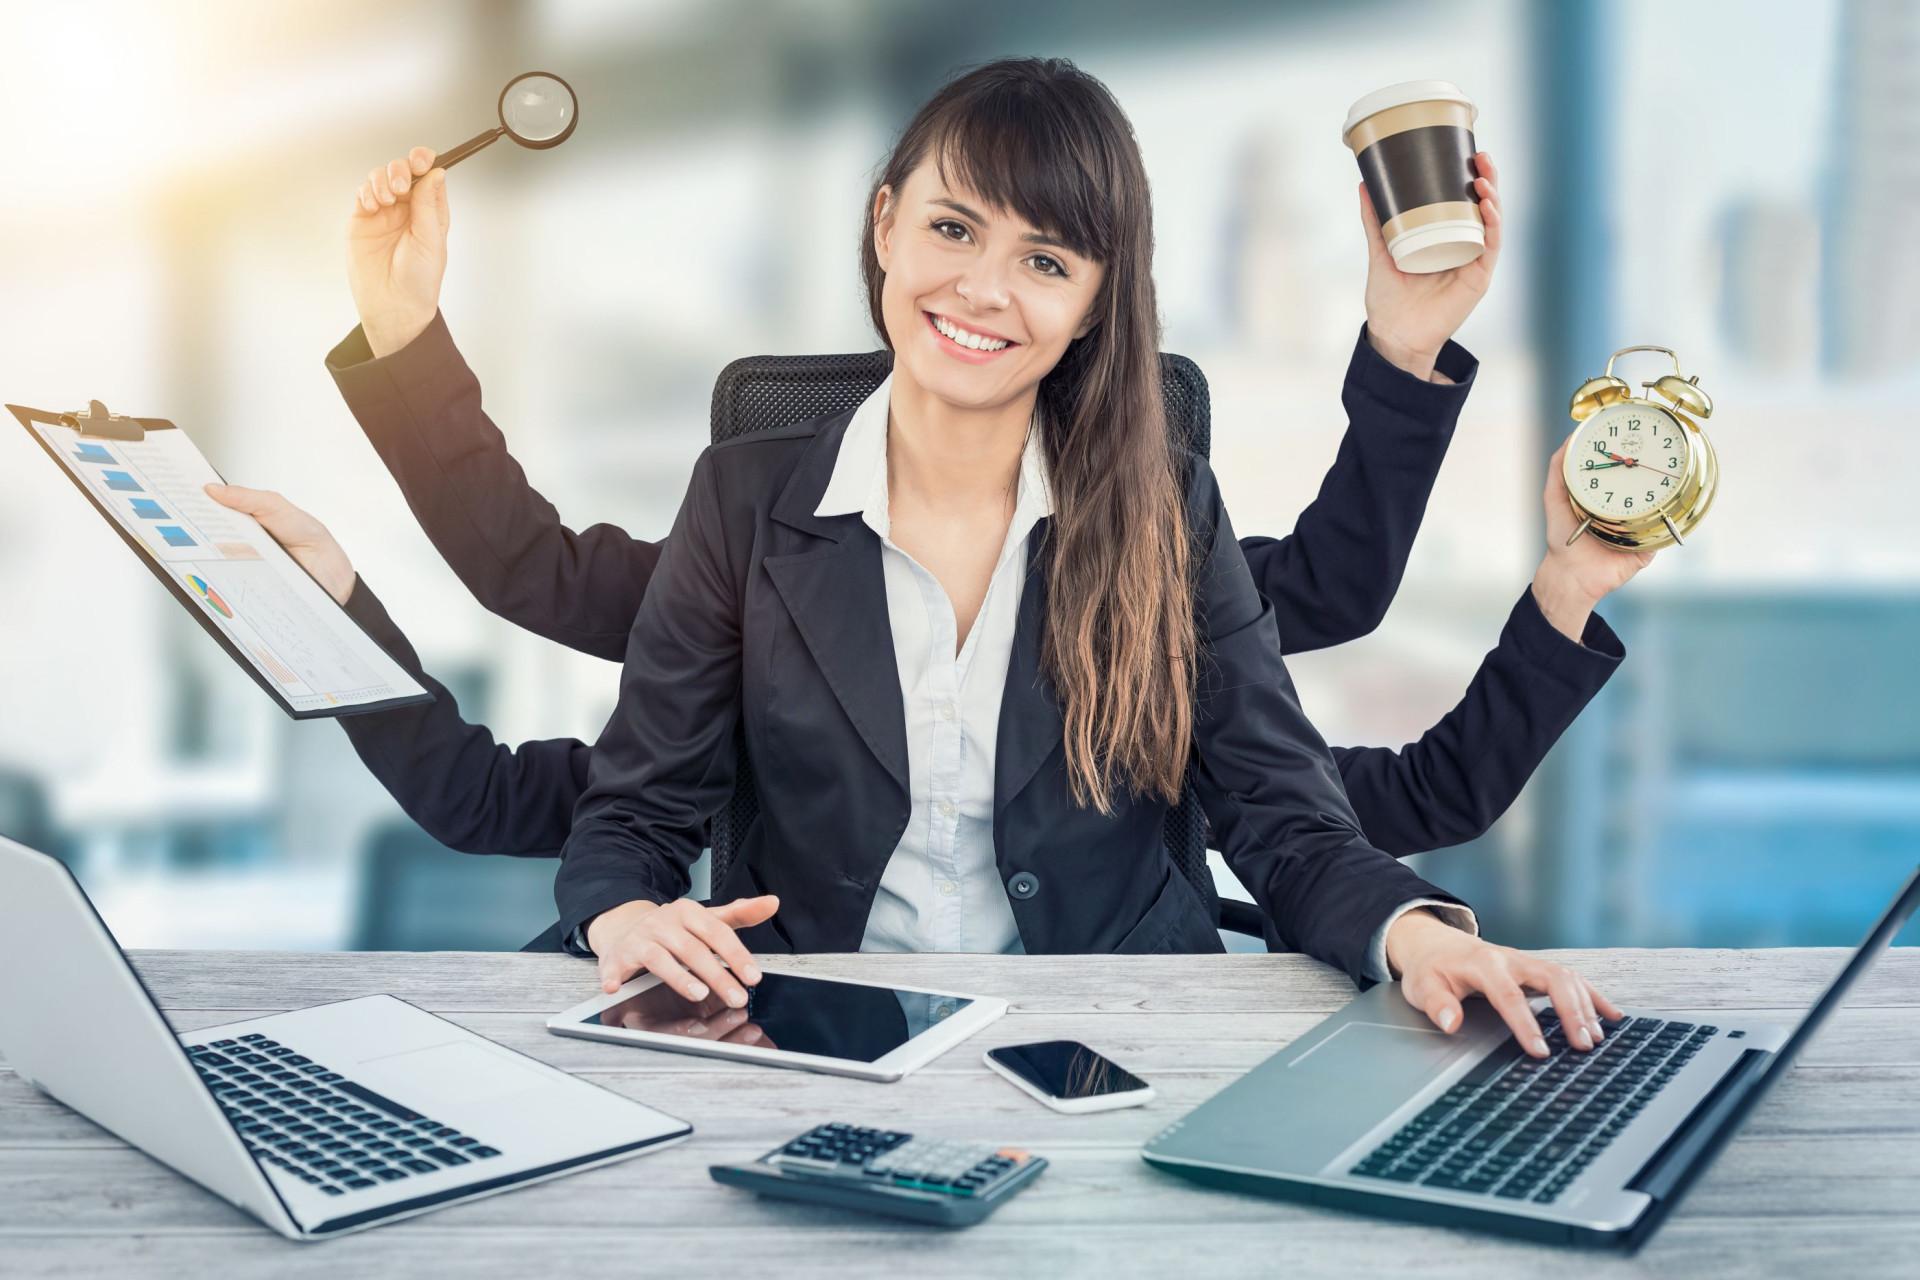 Seja profissional no trabalho. Há simples dicas a seguir